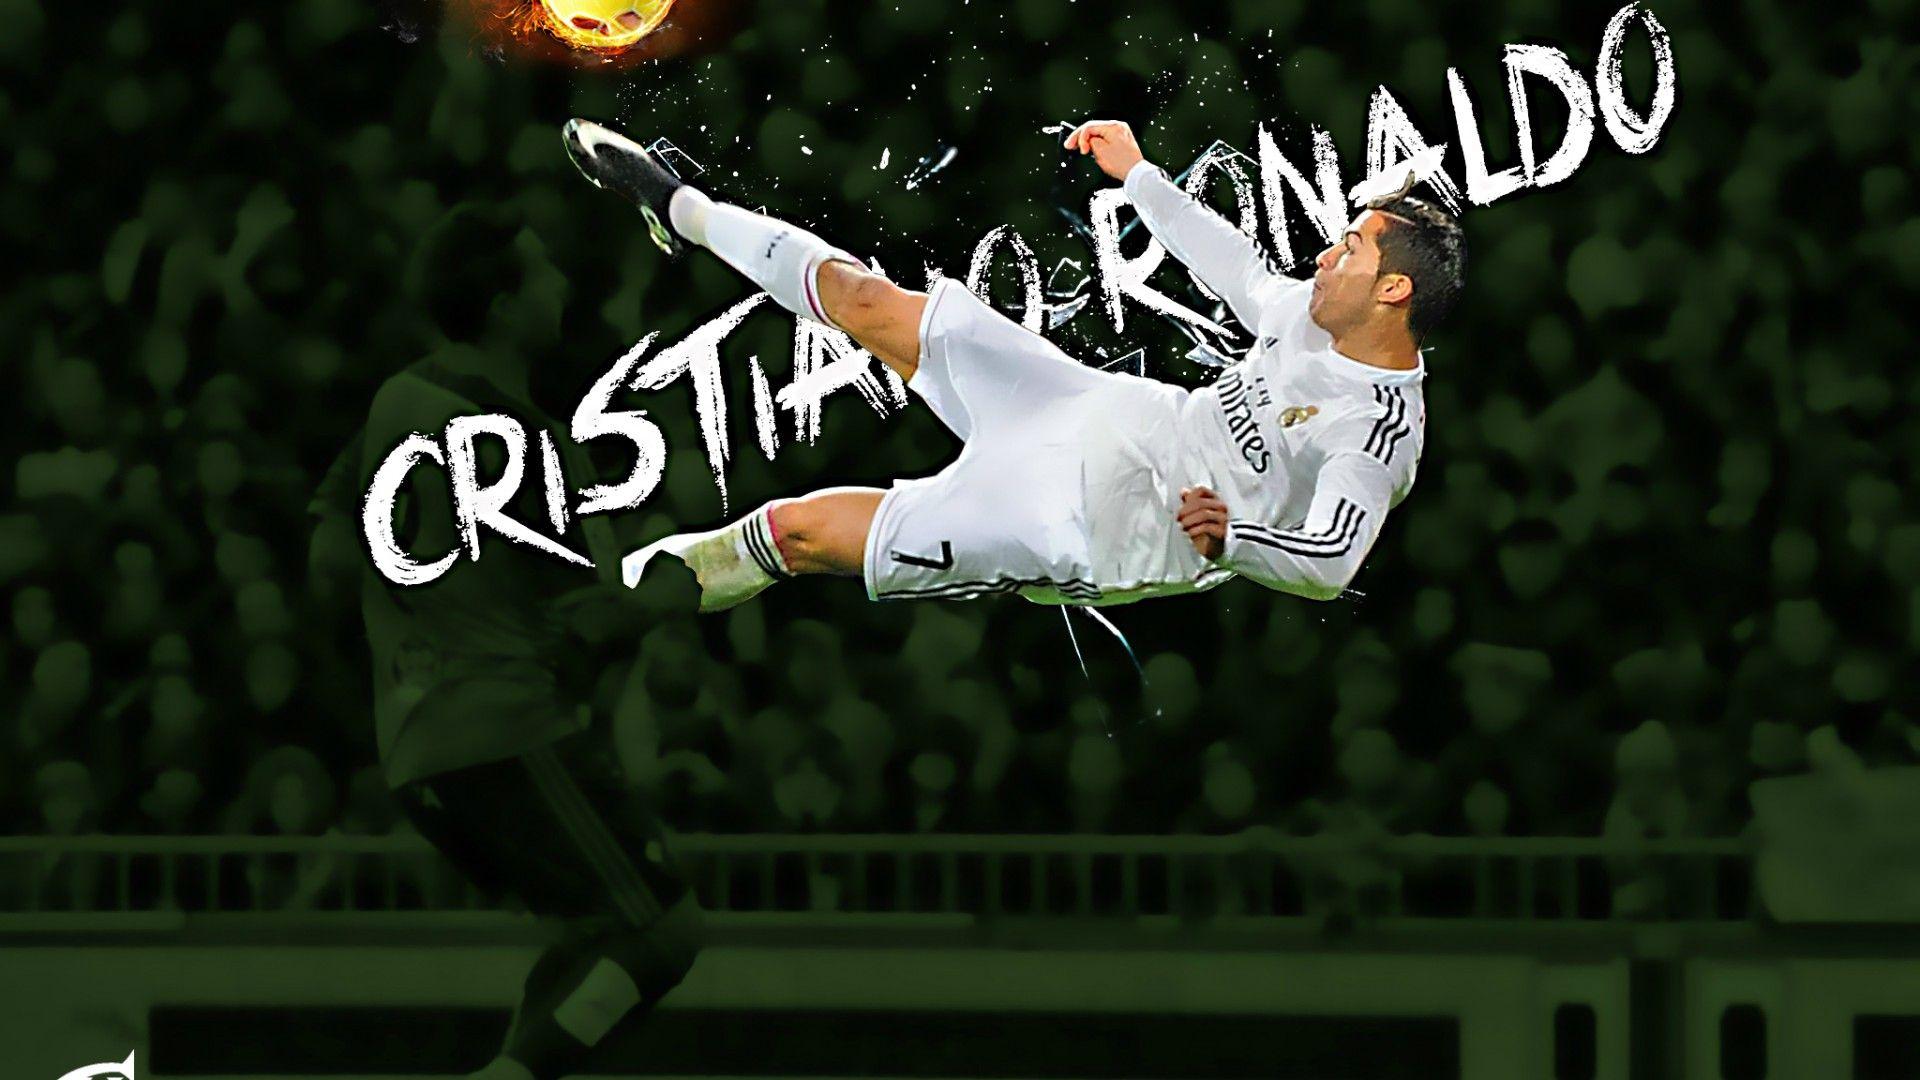 Hd wallpaper ronaldo - Cristiano Ronaldo Hd Wallpapers Football Pinterest Cristiano Ronaldo And Ronaldo